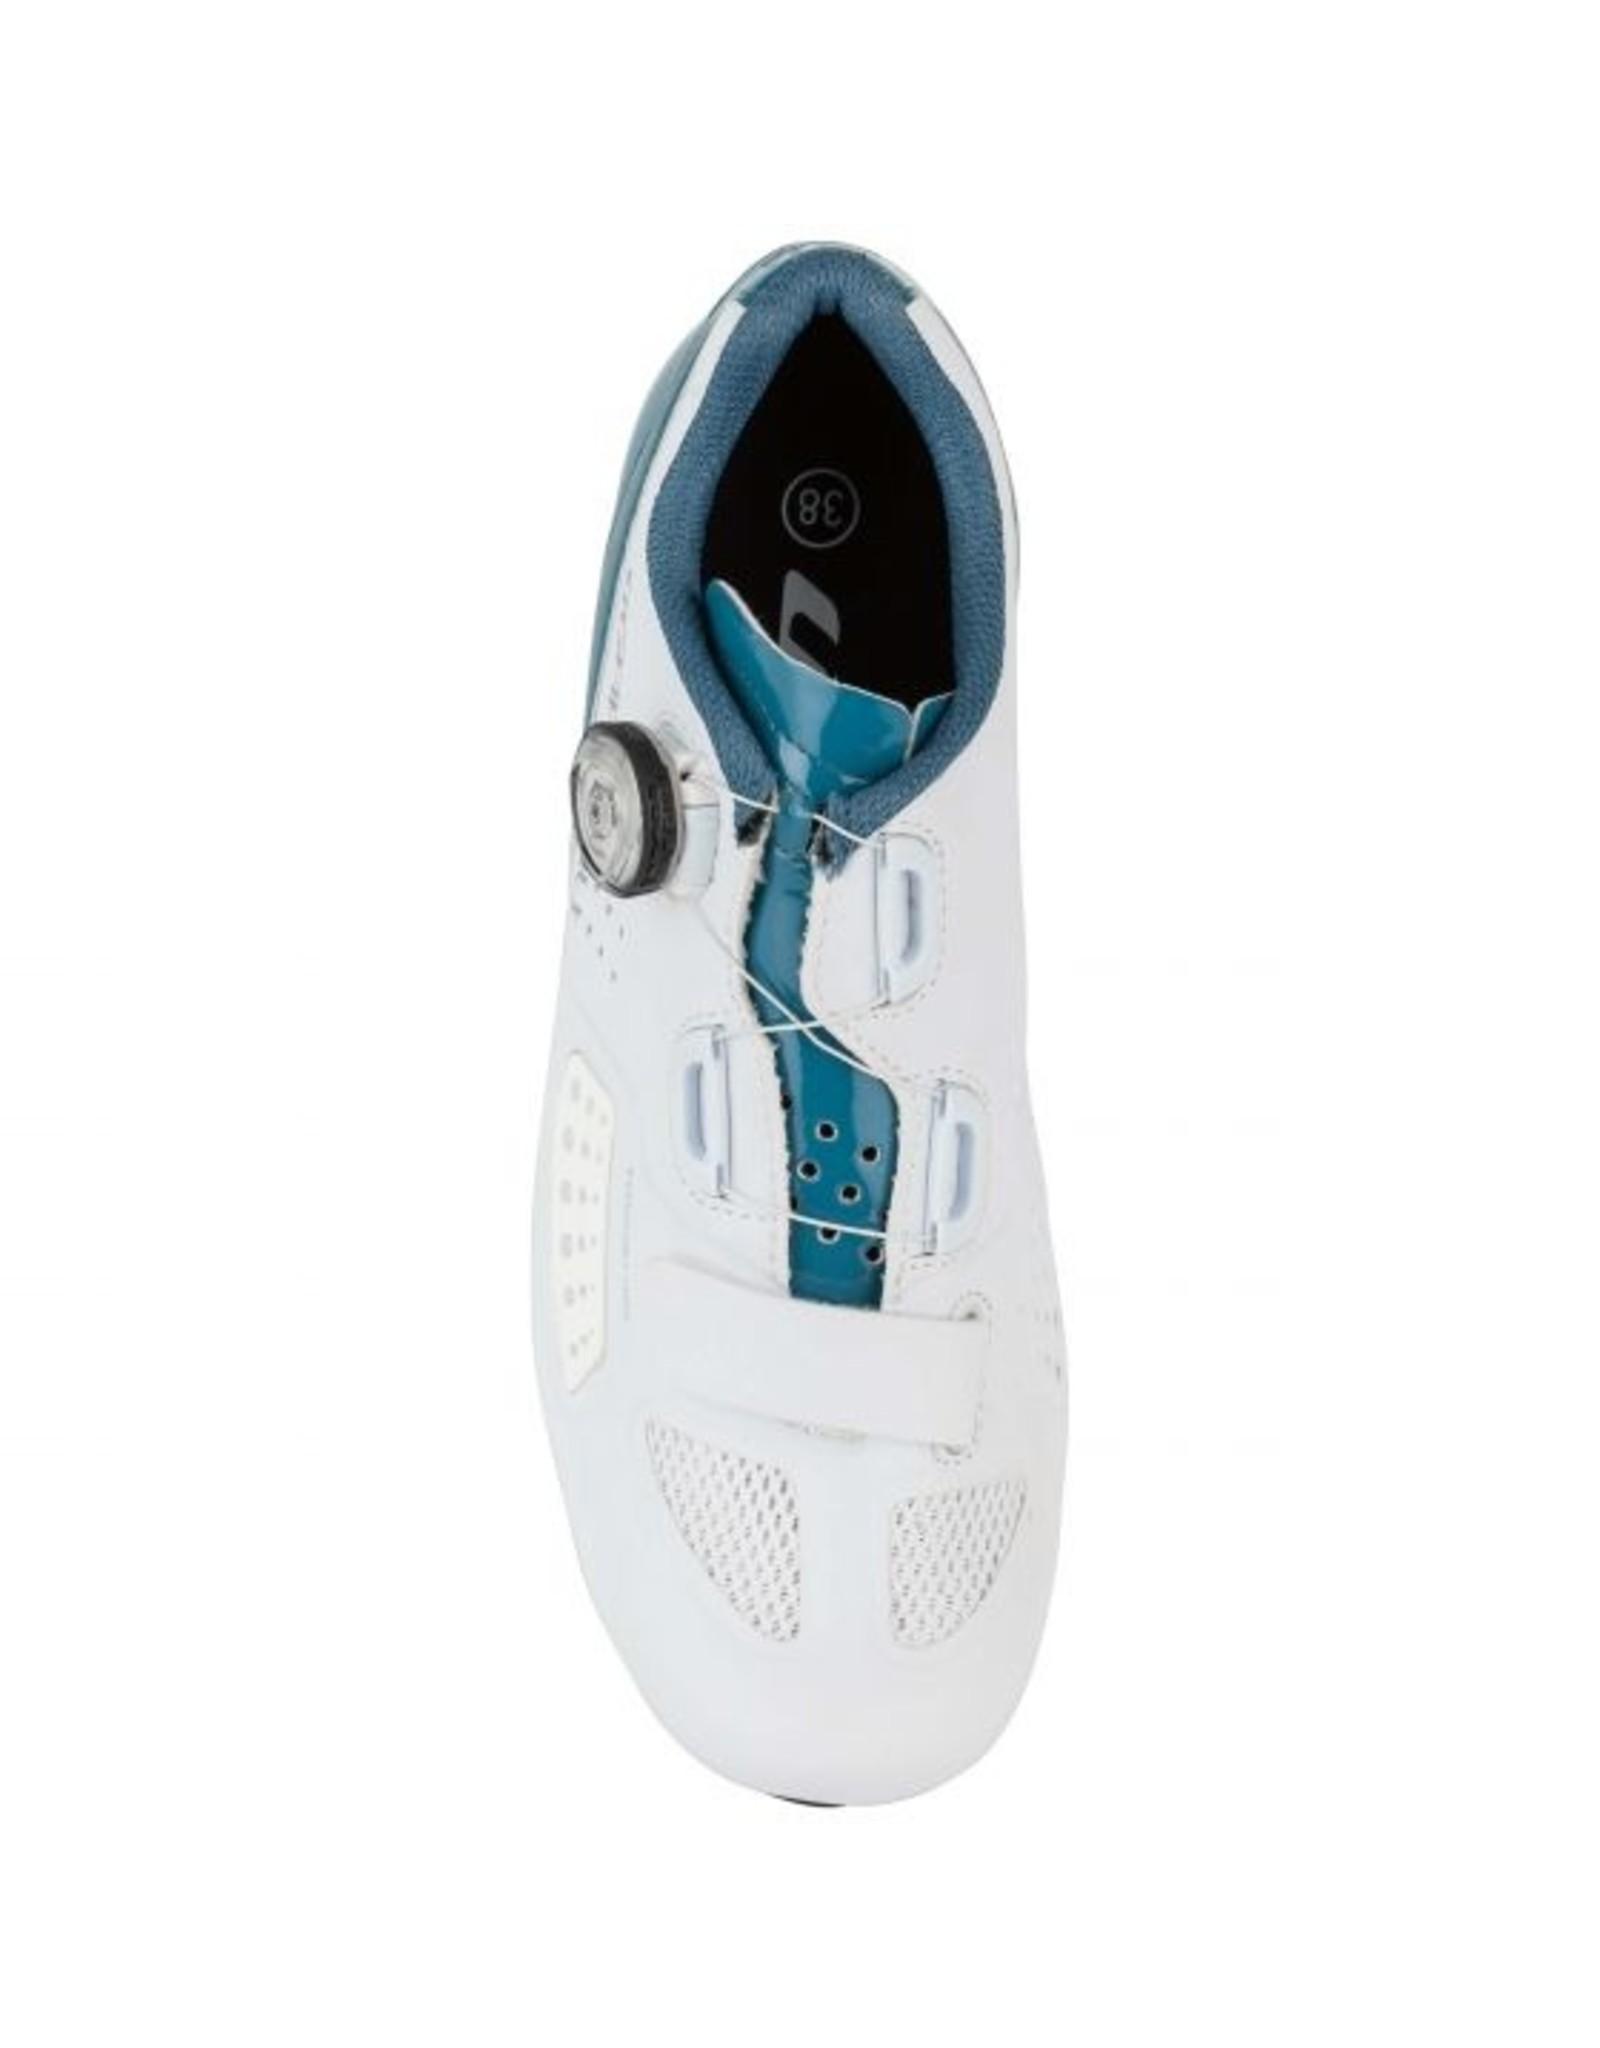 Chaussures Garneau de route Ruby II pour femmes